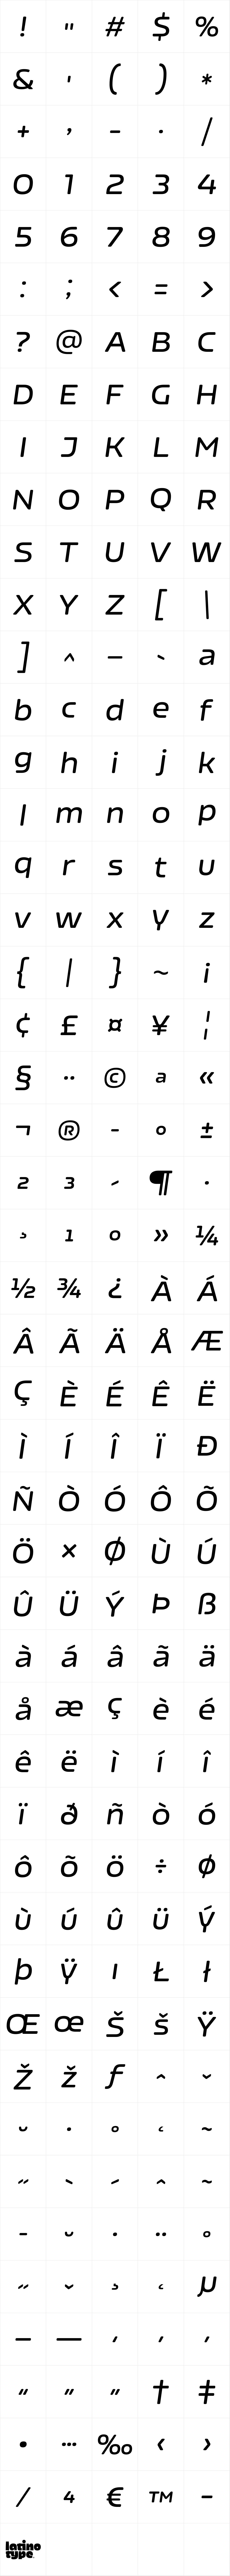 Nizzoli Rounded SemiBold Italic